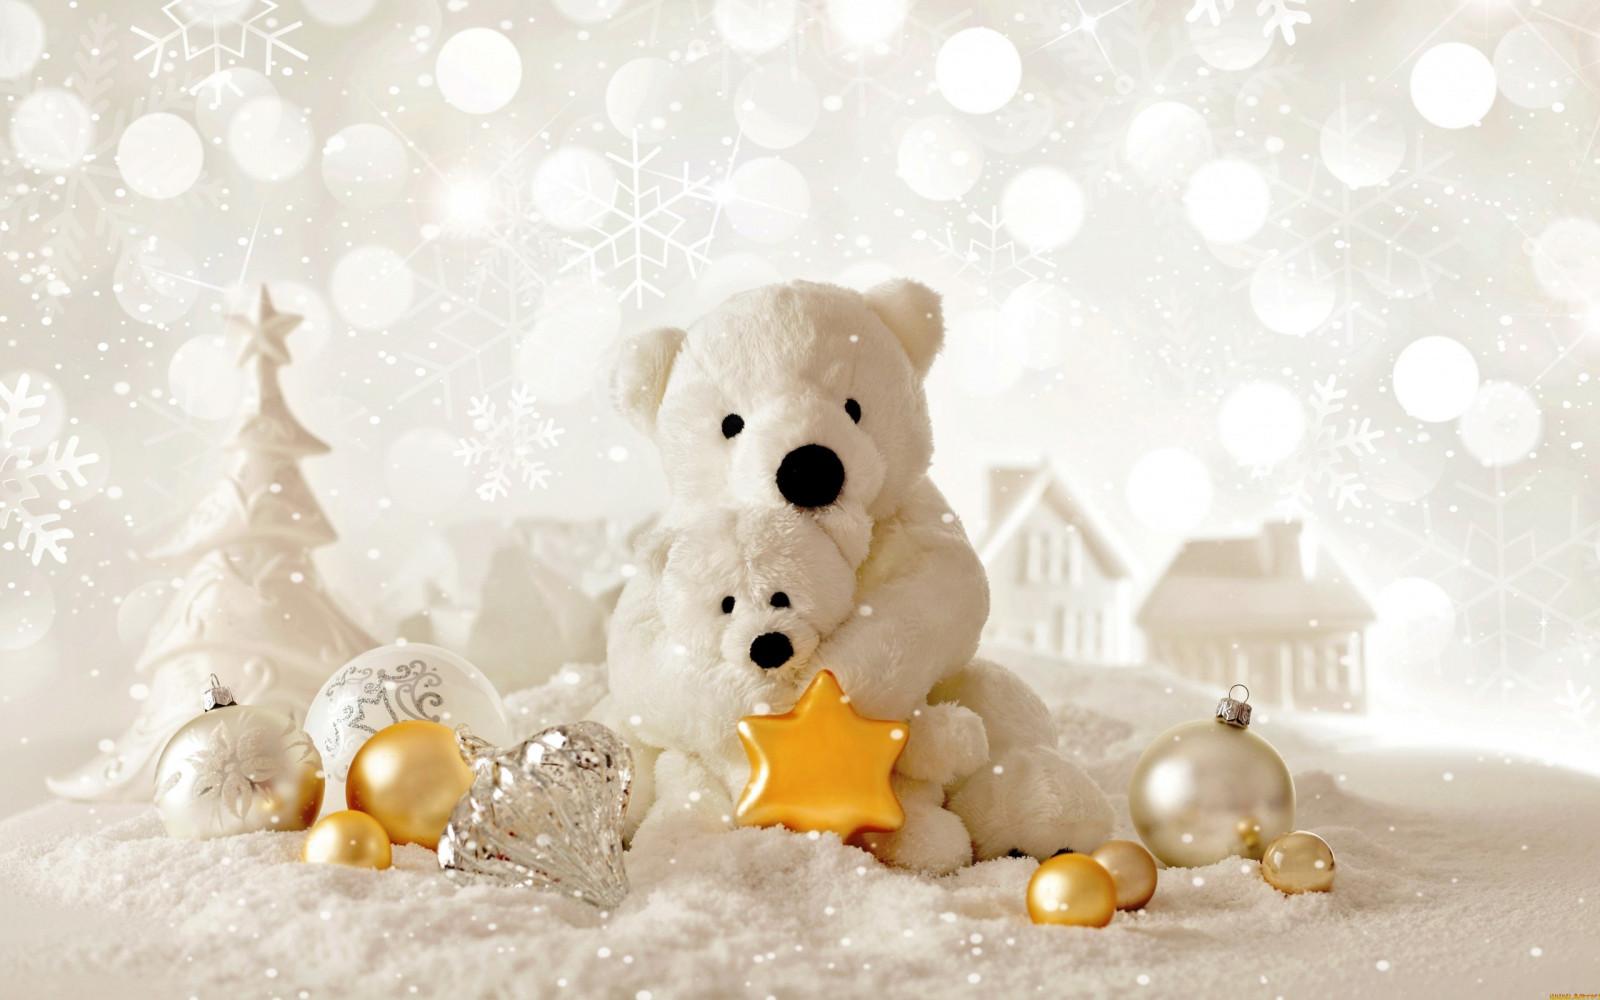 デスクトップ壁紙 白 テディベア クリスマスの装飾品 おもちゃ